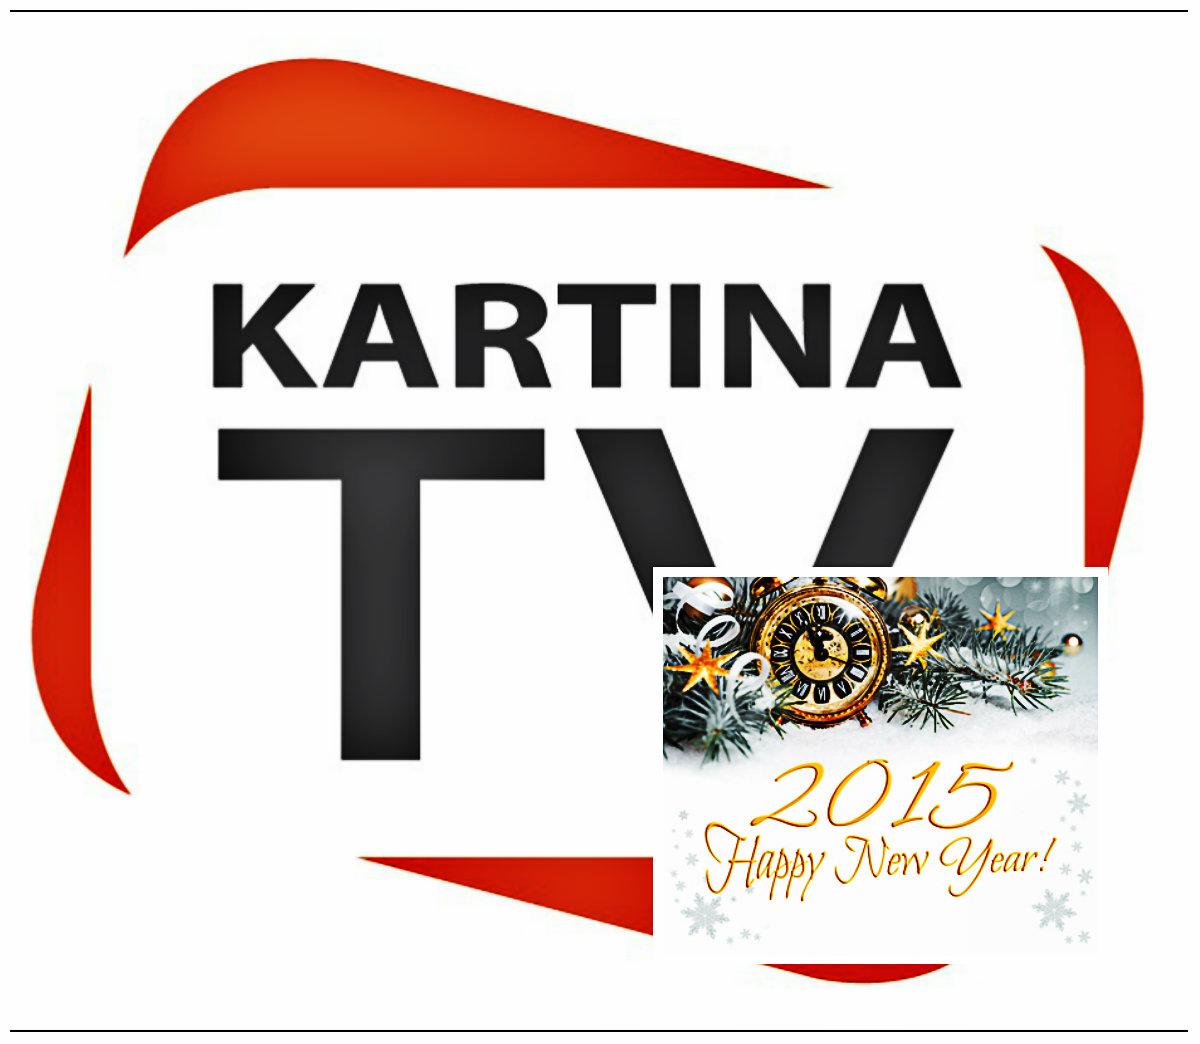 Каждый год, 31 декабря, мы с друзьями смотрим KartinaTV!